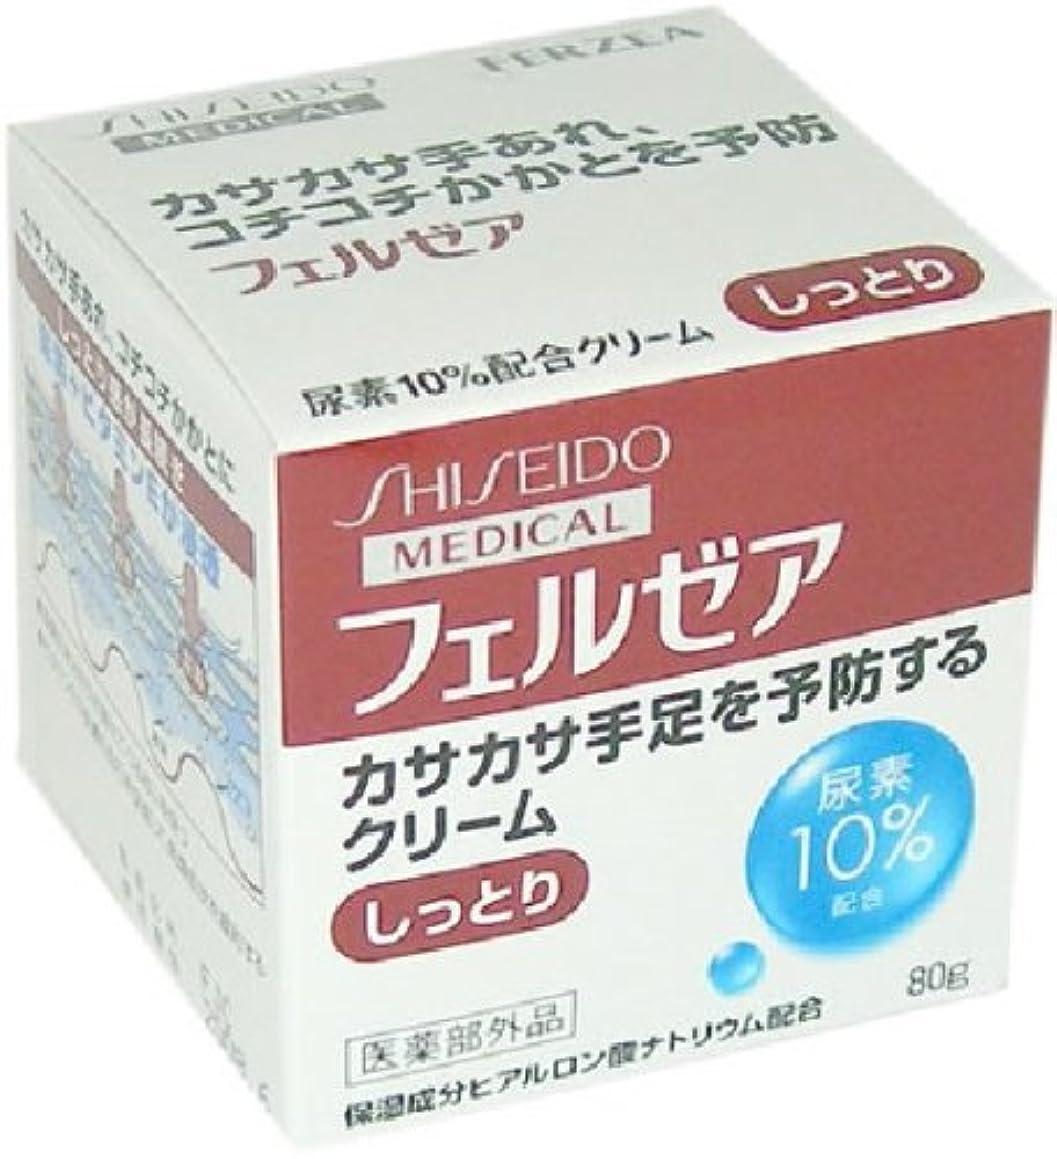 しっかり規定理容室フェルゼア クリームM しっとりジャータイプ 尿素10%配合 80g [指定医薬部外品]